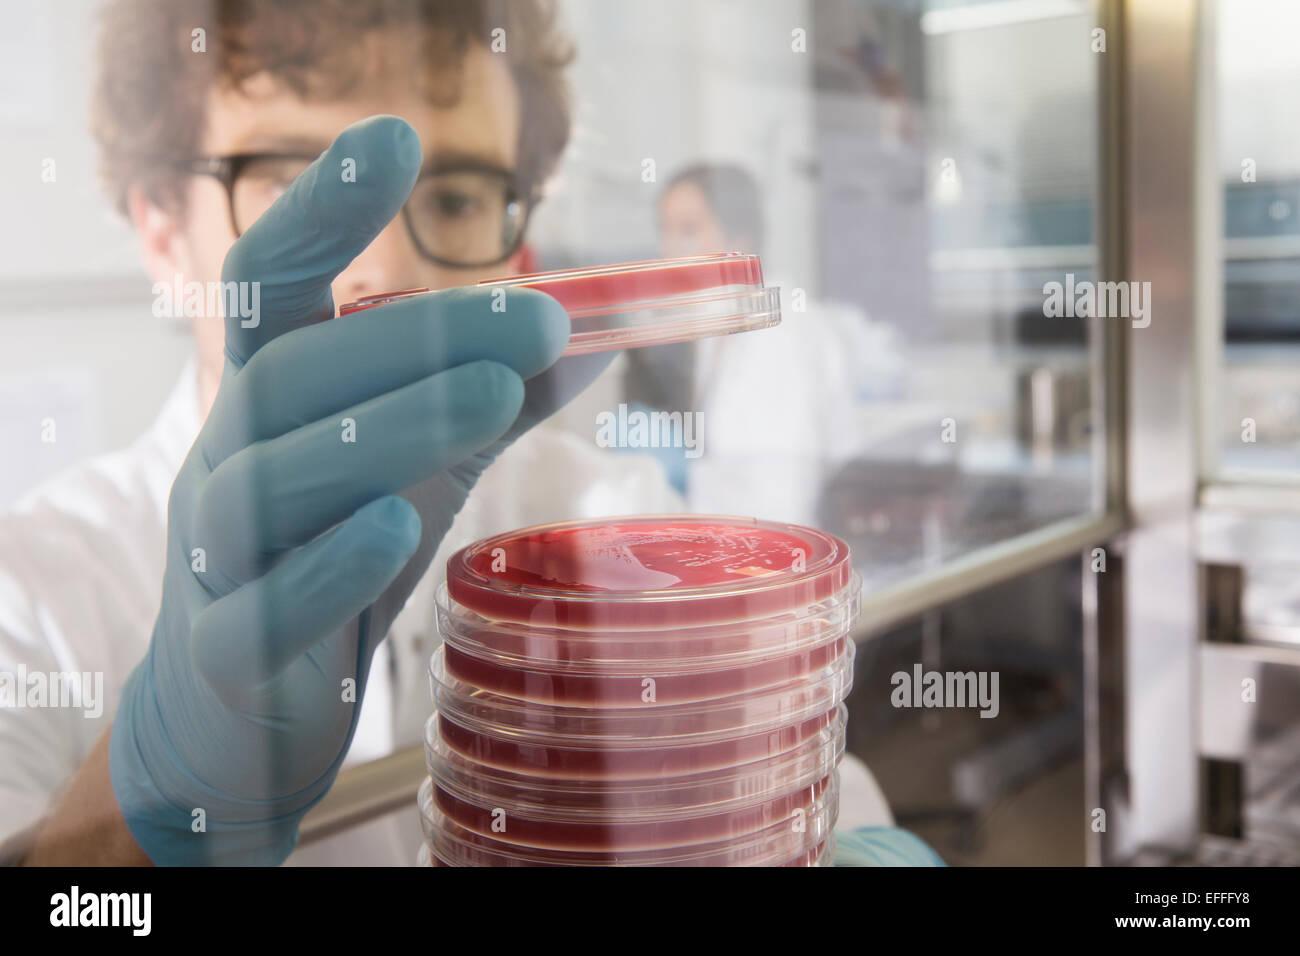 Wissenschaftler arbeiten mit Bakterienkulturen im Labor Stockbild